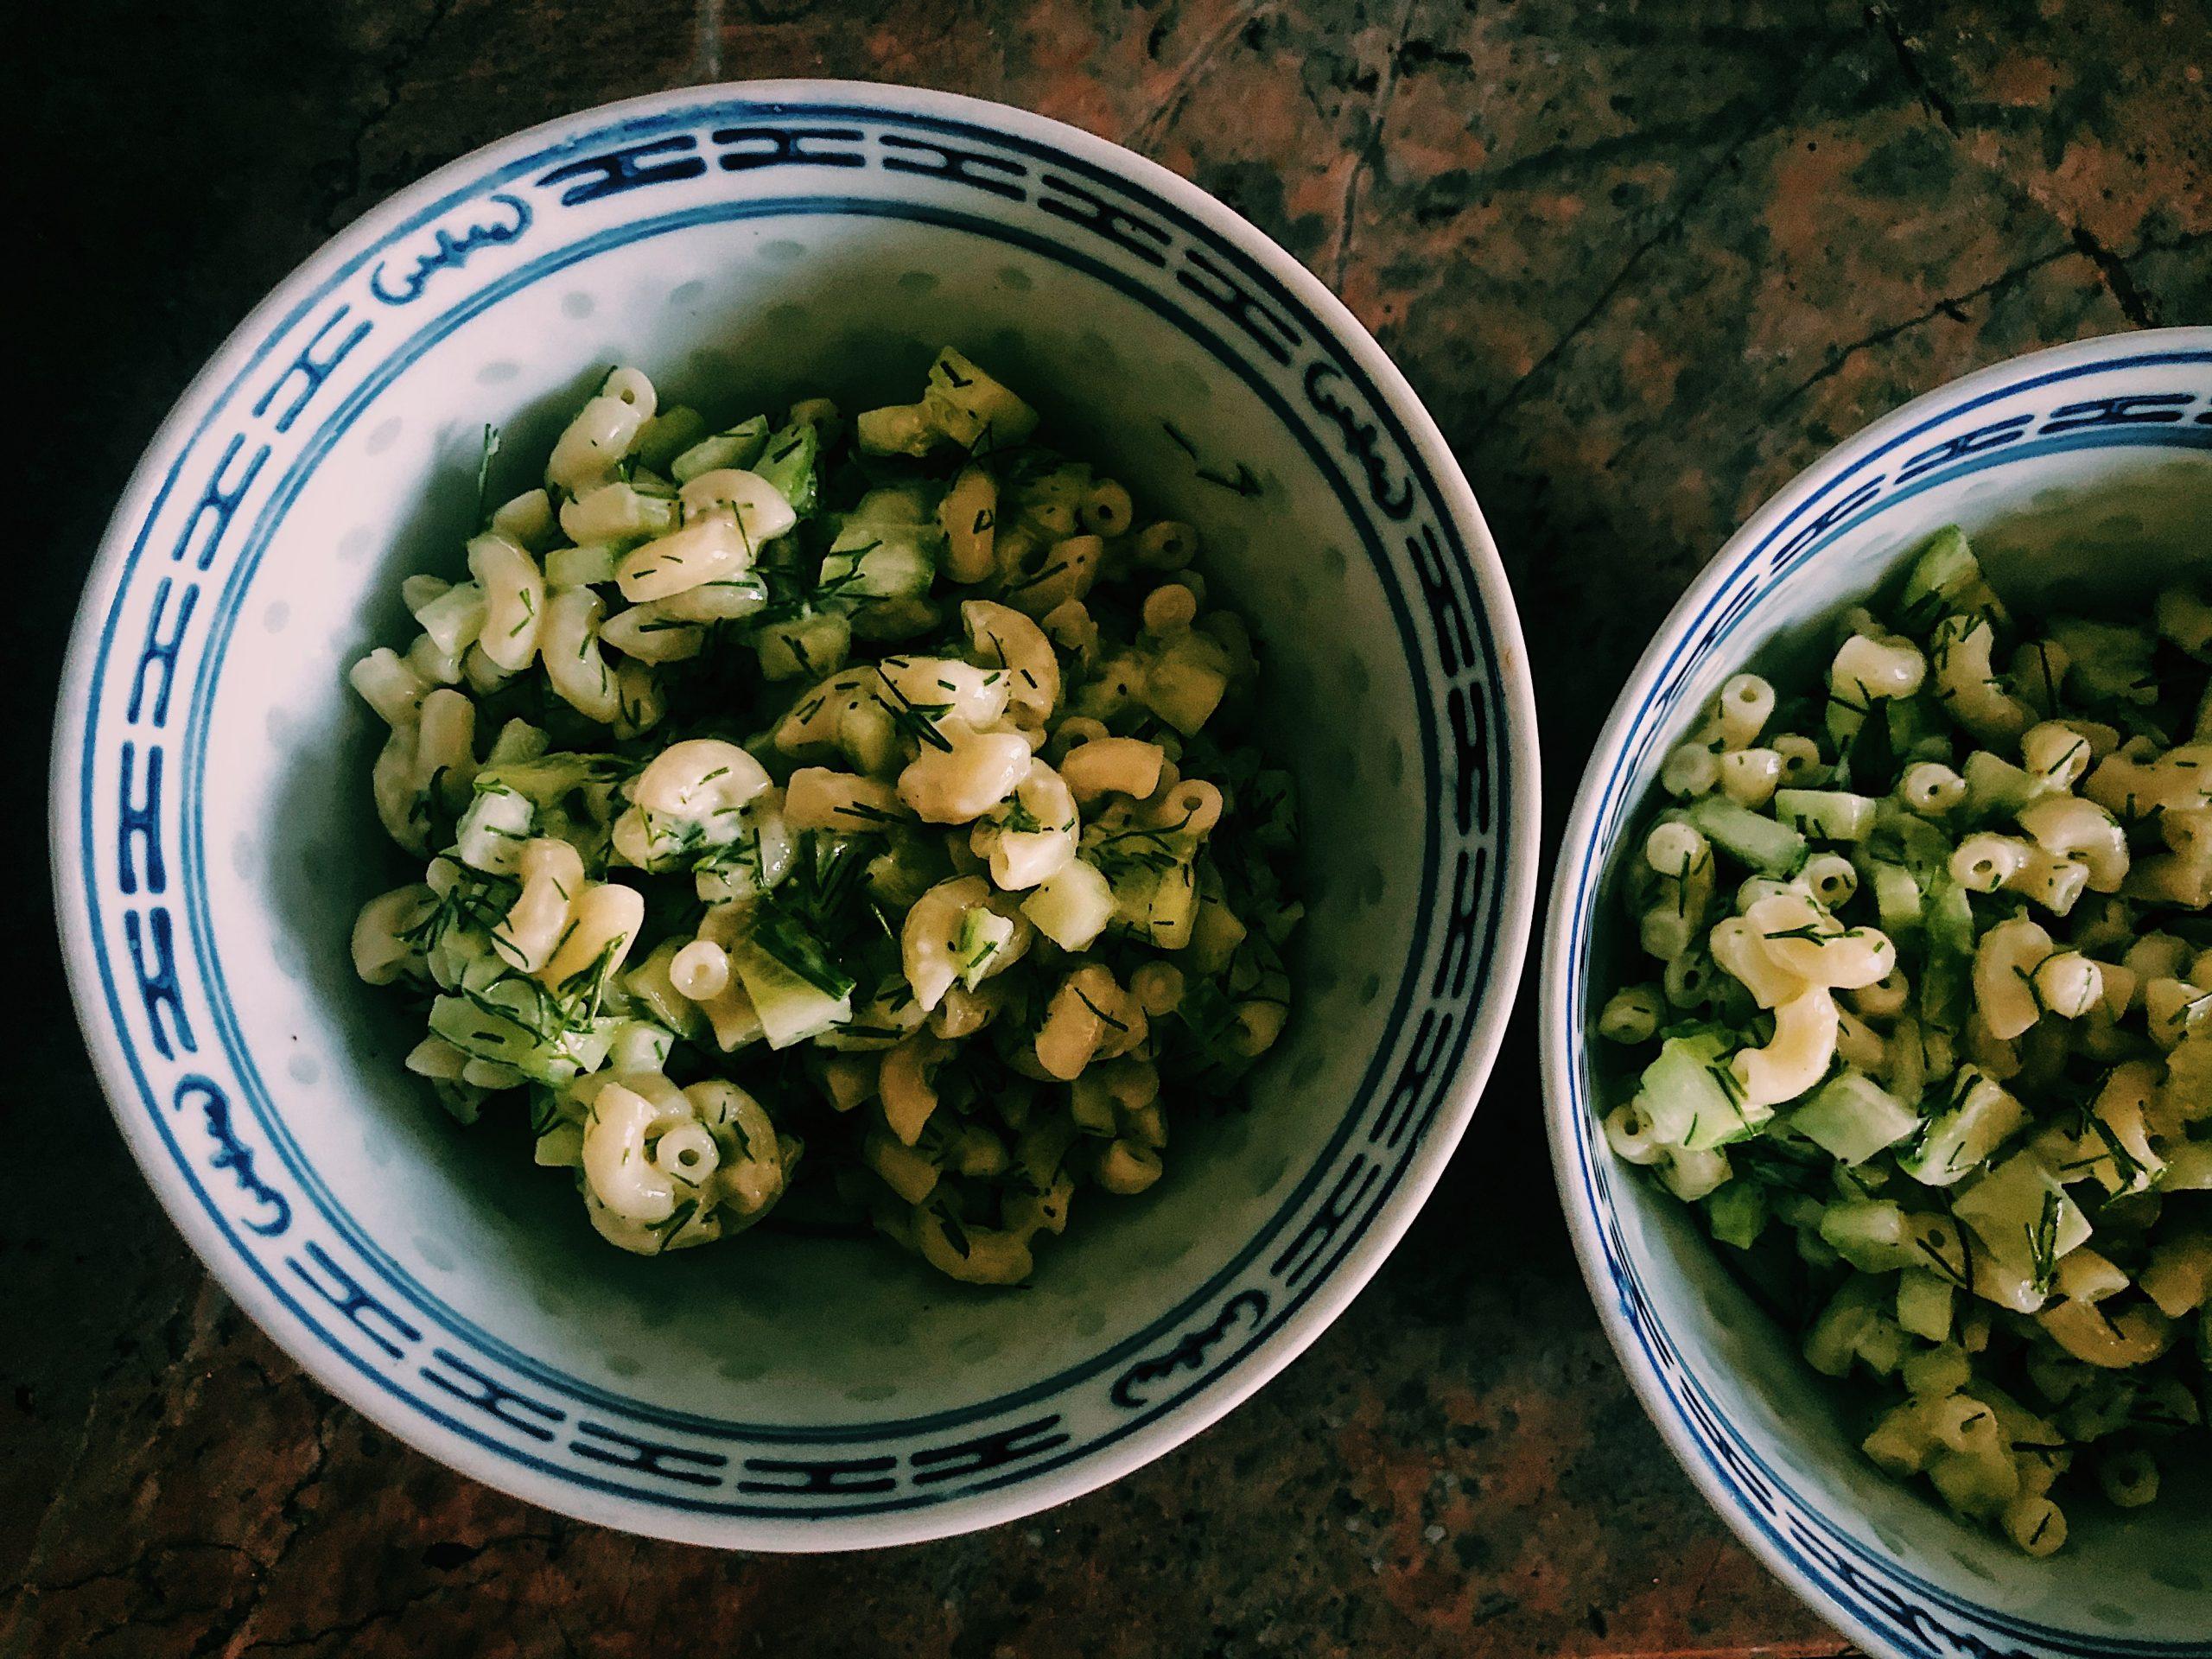 Proste sałatki na impreze -Sałatka ogórkowa prosta i szybka